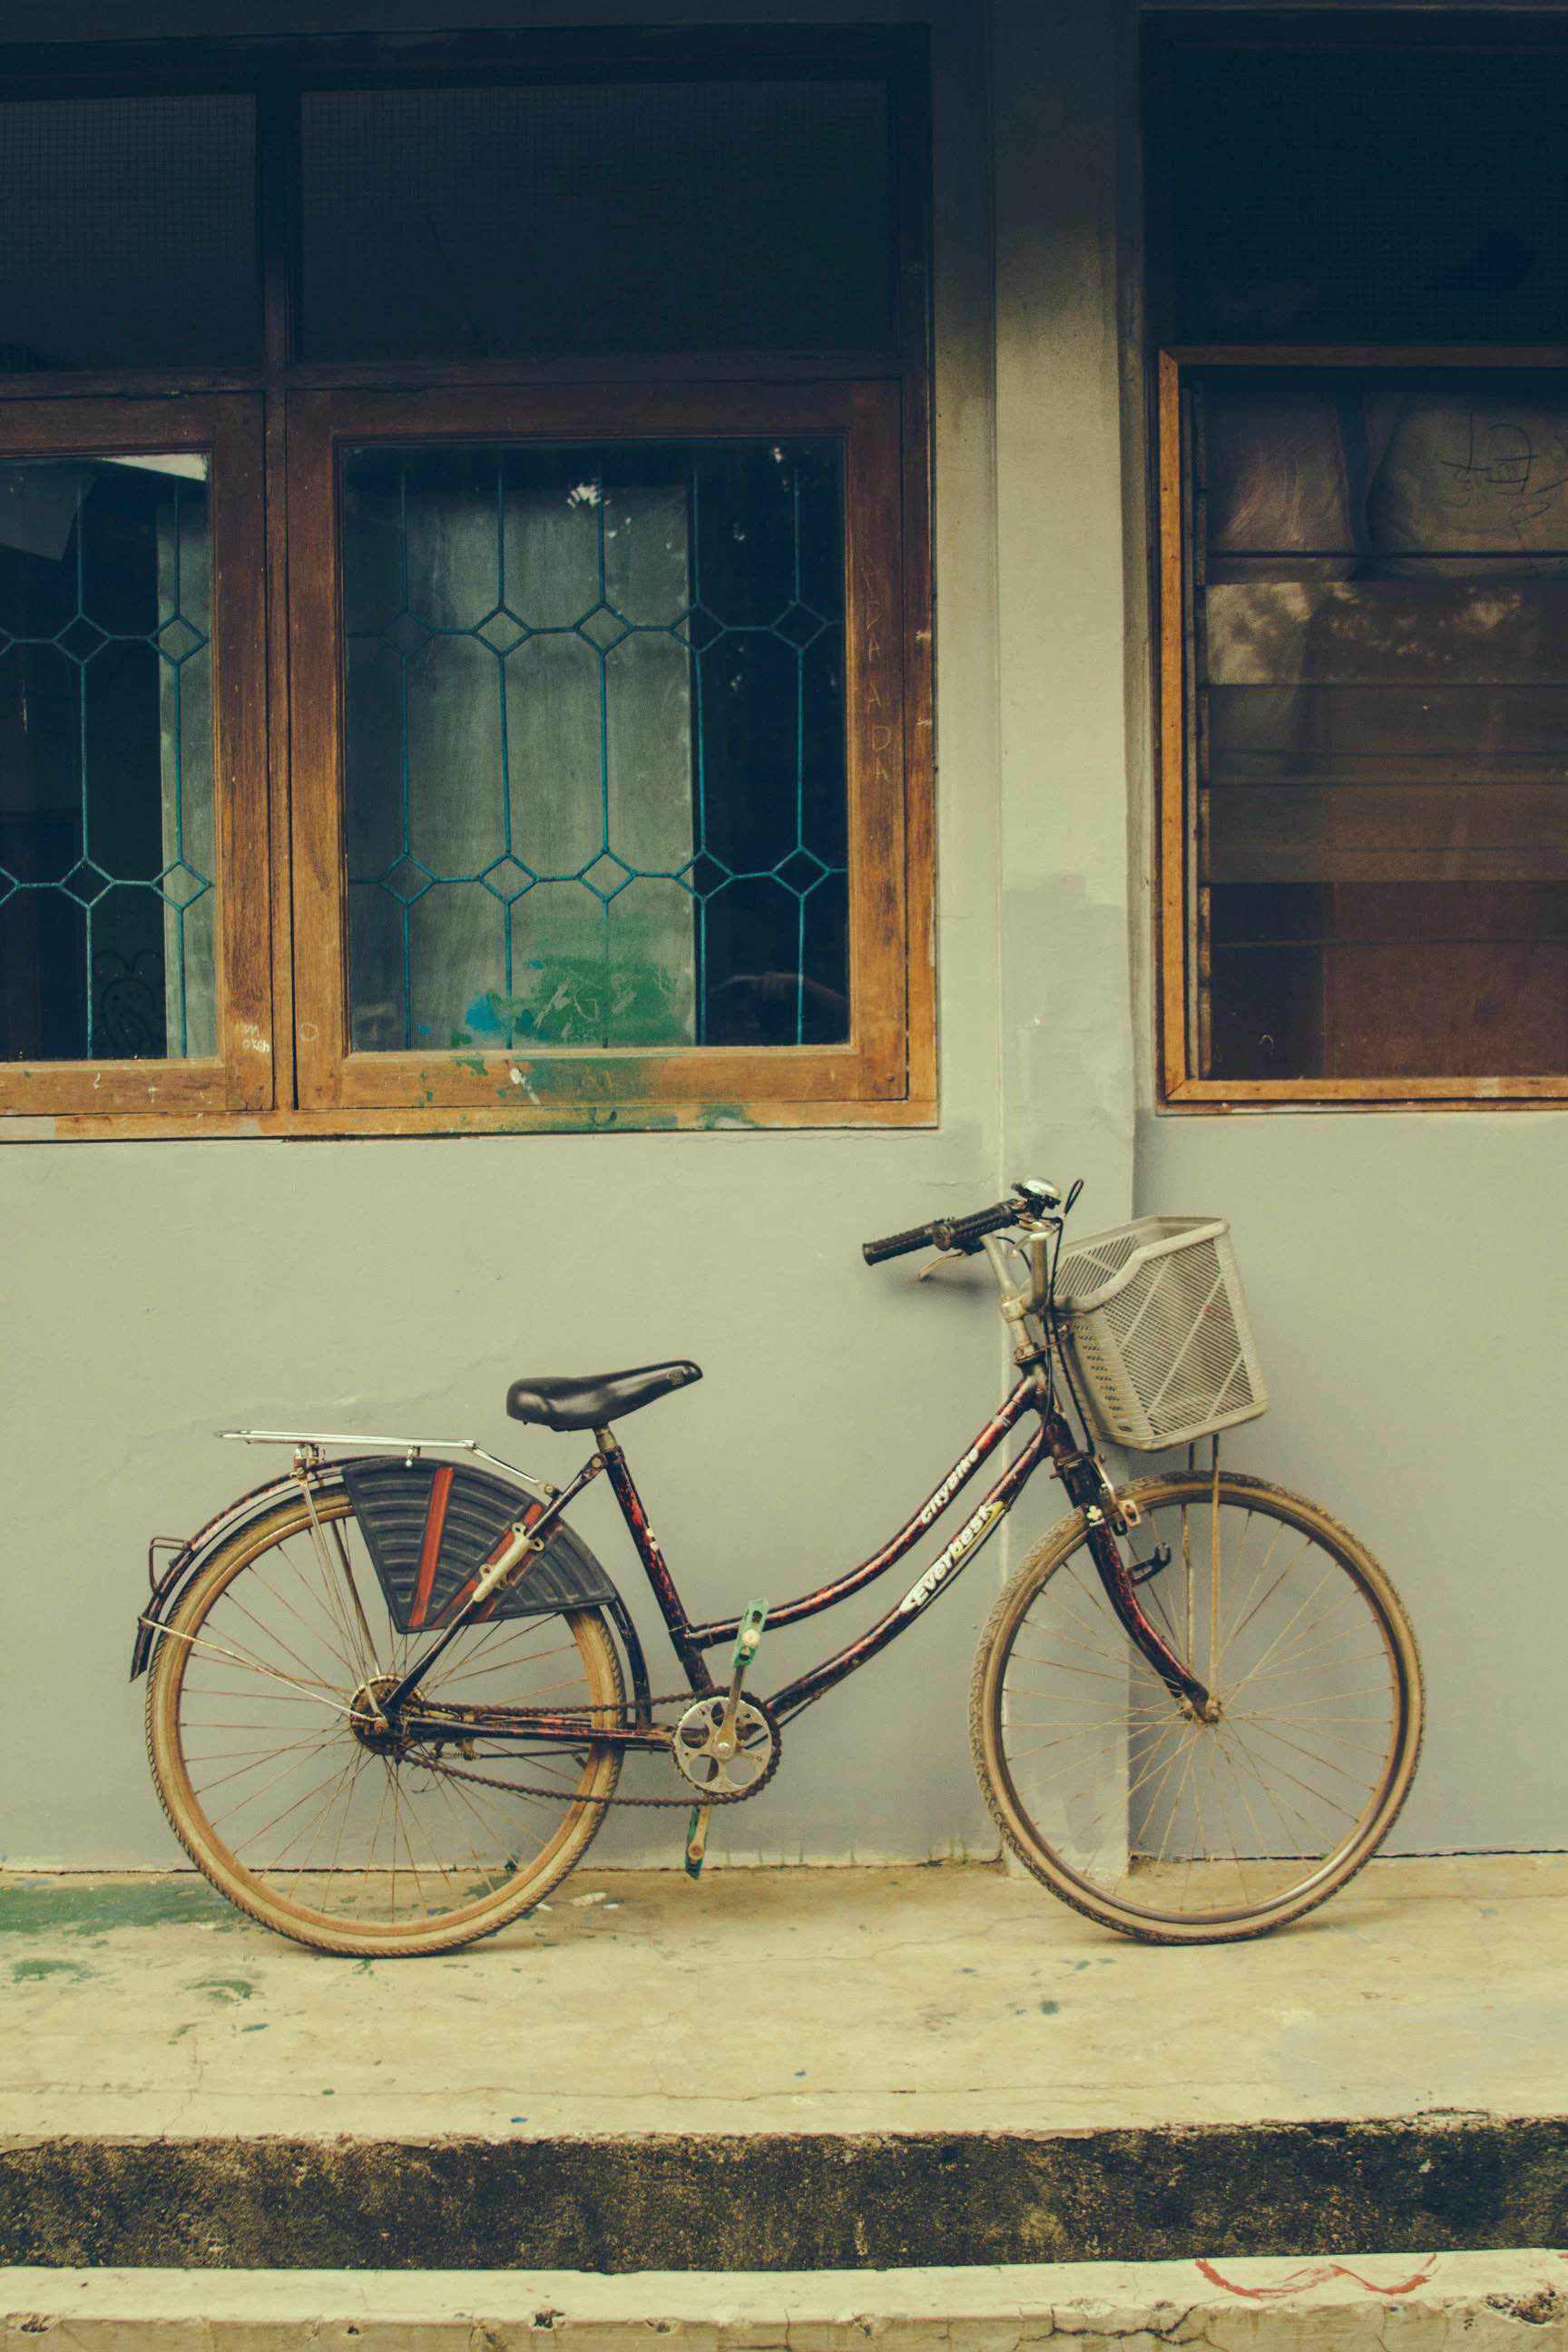 Kann man eine Fahrerflucht mit dem Fahrrad begehen?